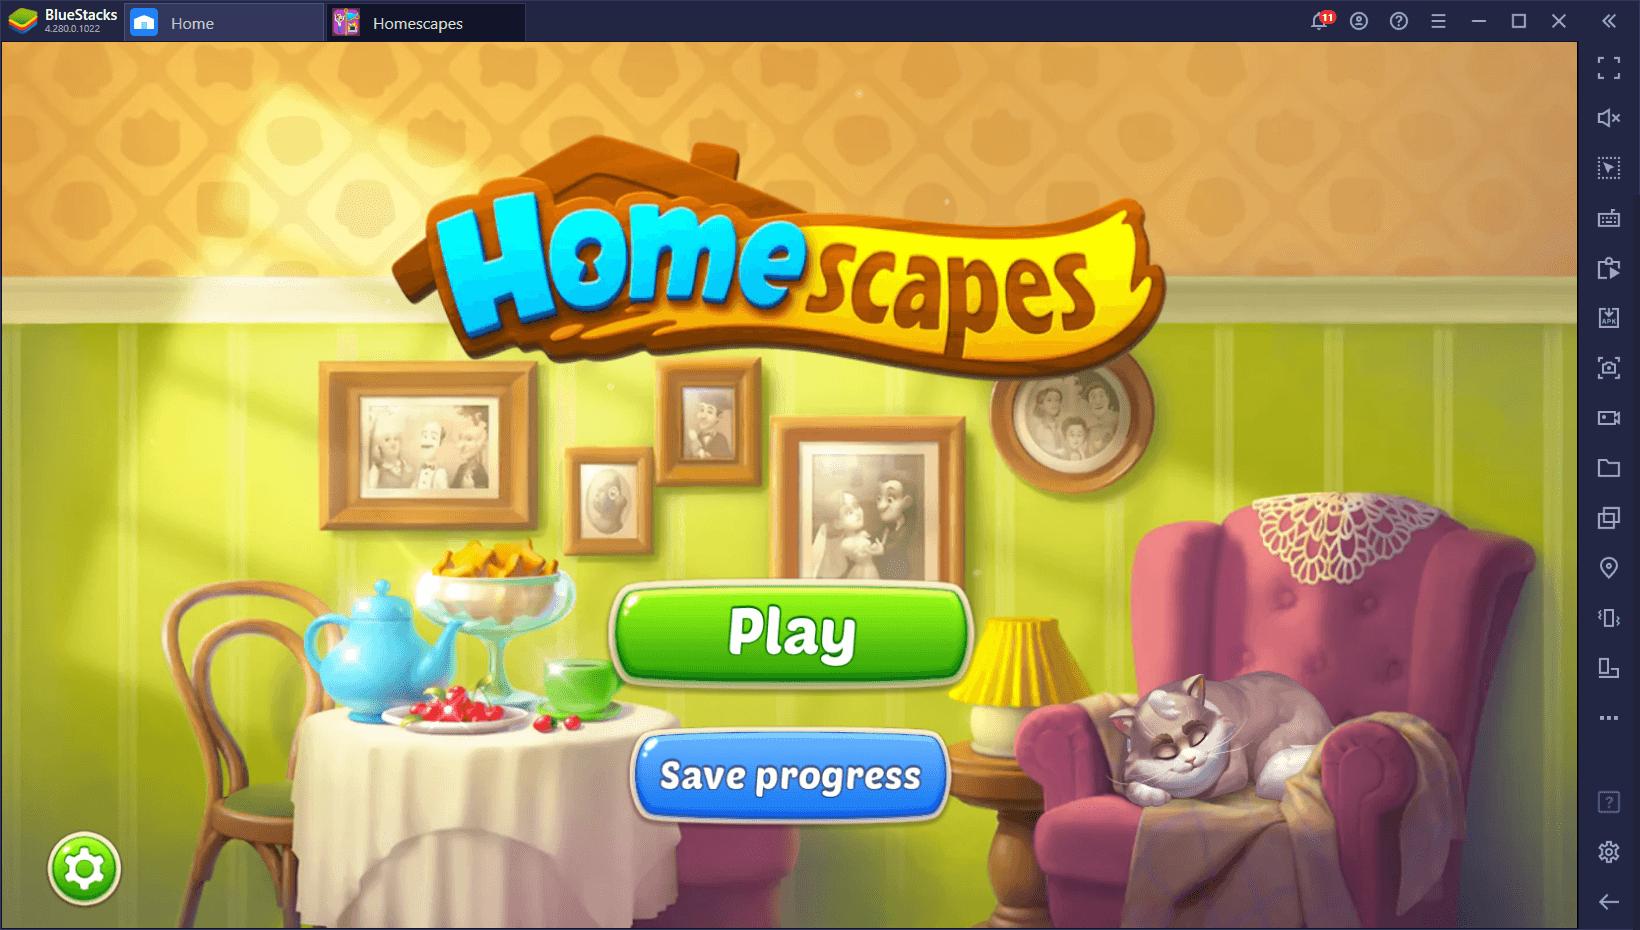 Homescapes – كيفية تثبيت و لعب لعبة المطابقة الثلاثيّة الشهيرة على جهاز الكمبيوتر